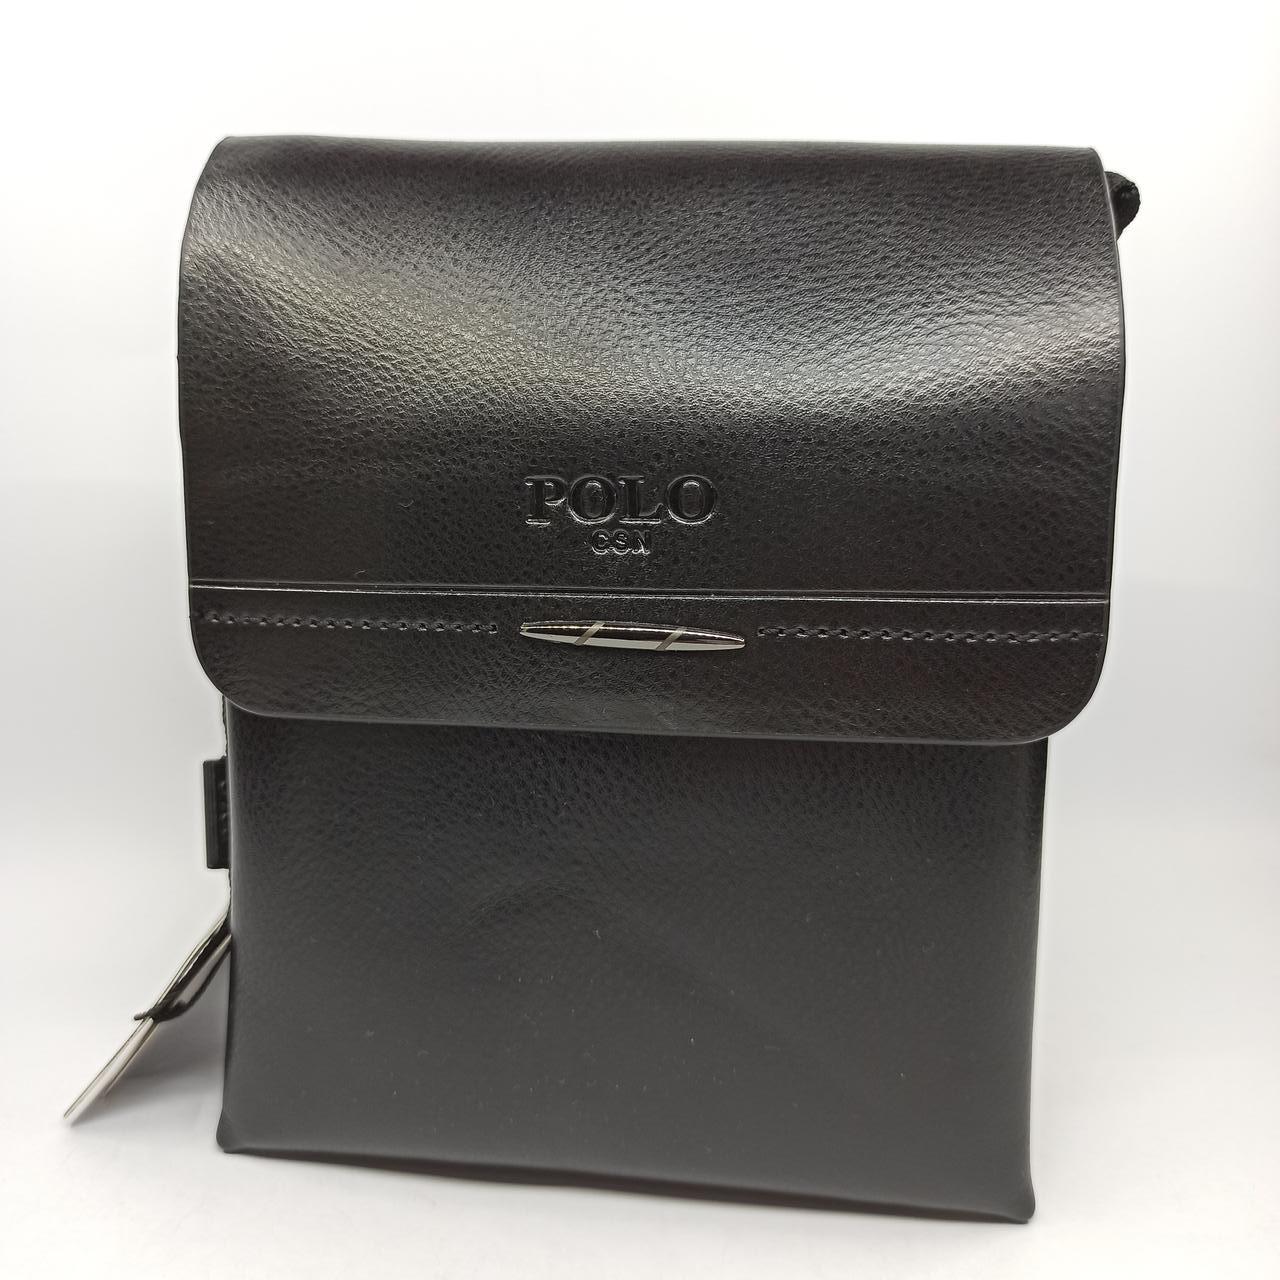 Мужская кожаная сумка планшет через плечо Polo B351-1